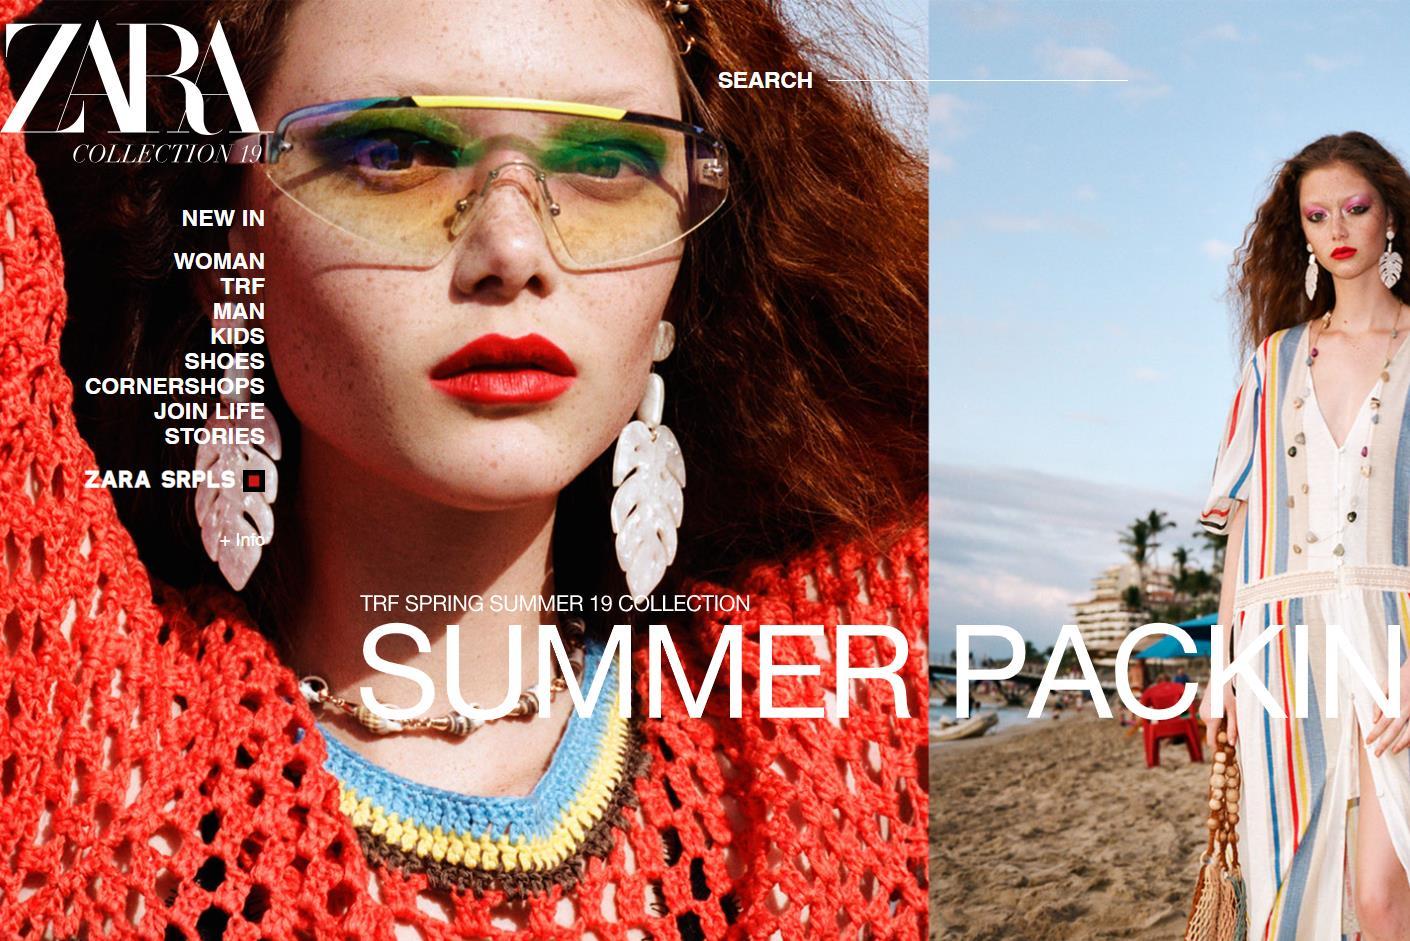 线上渠道给力,Zara 母公司、快时尚巨头 Inditex 销售额首次突破260亿欧元大关